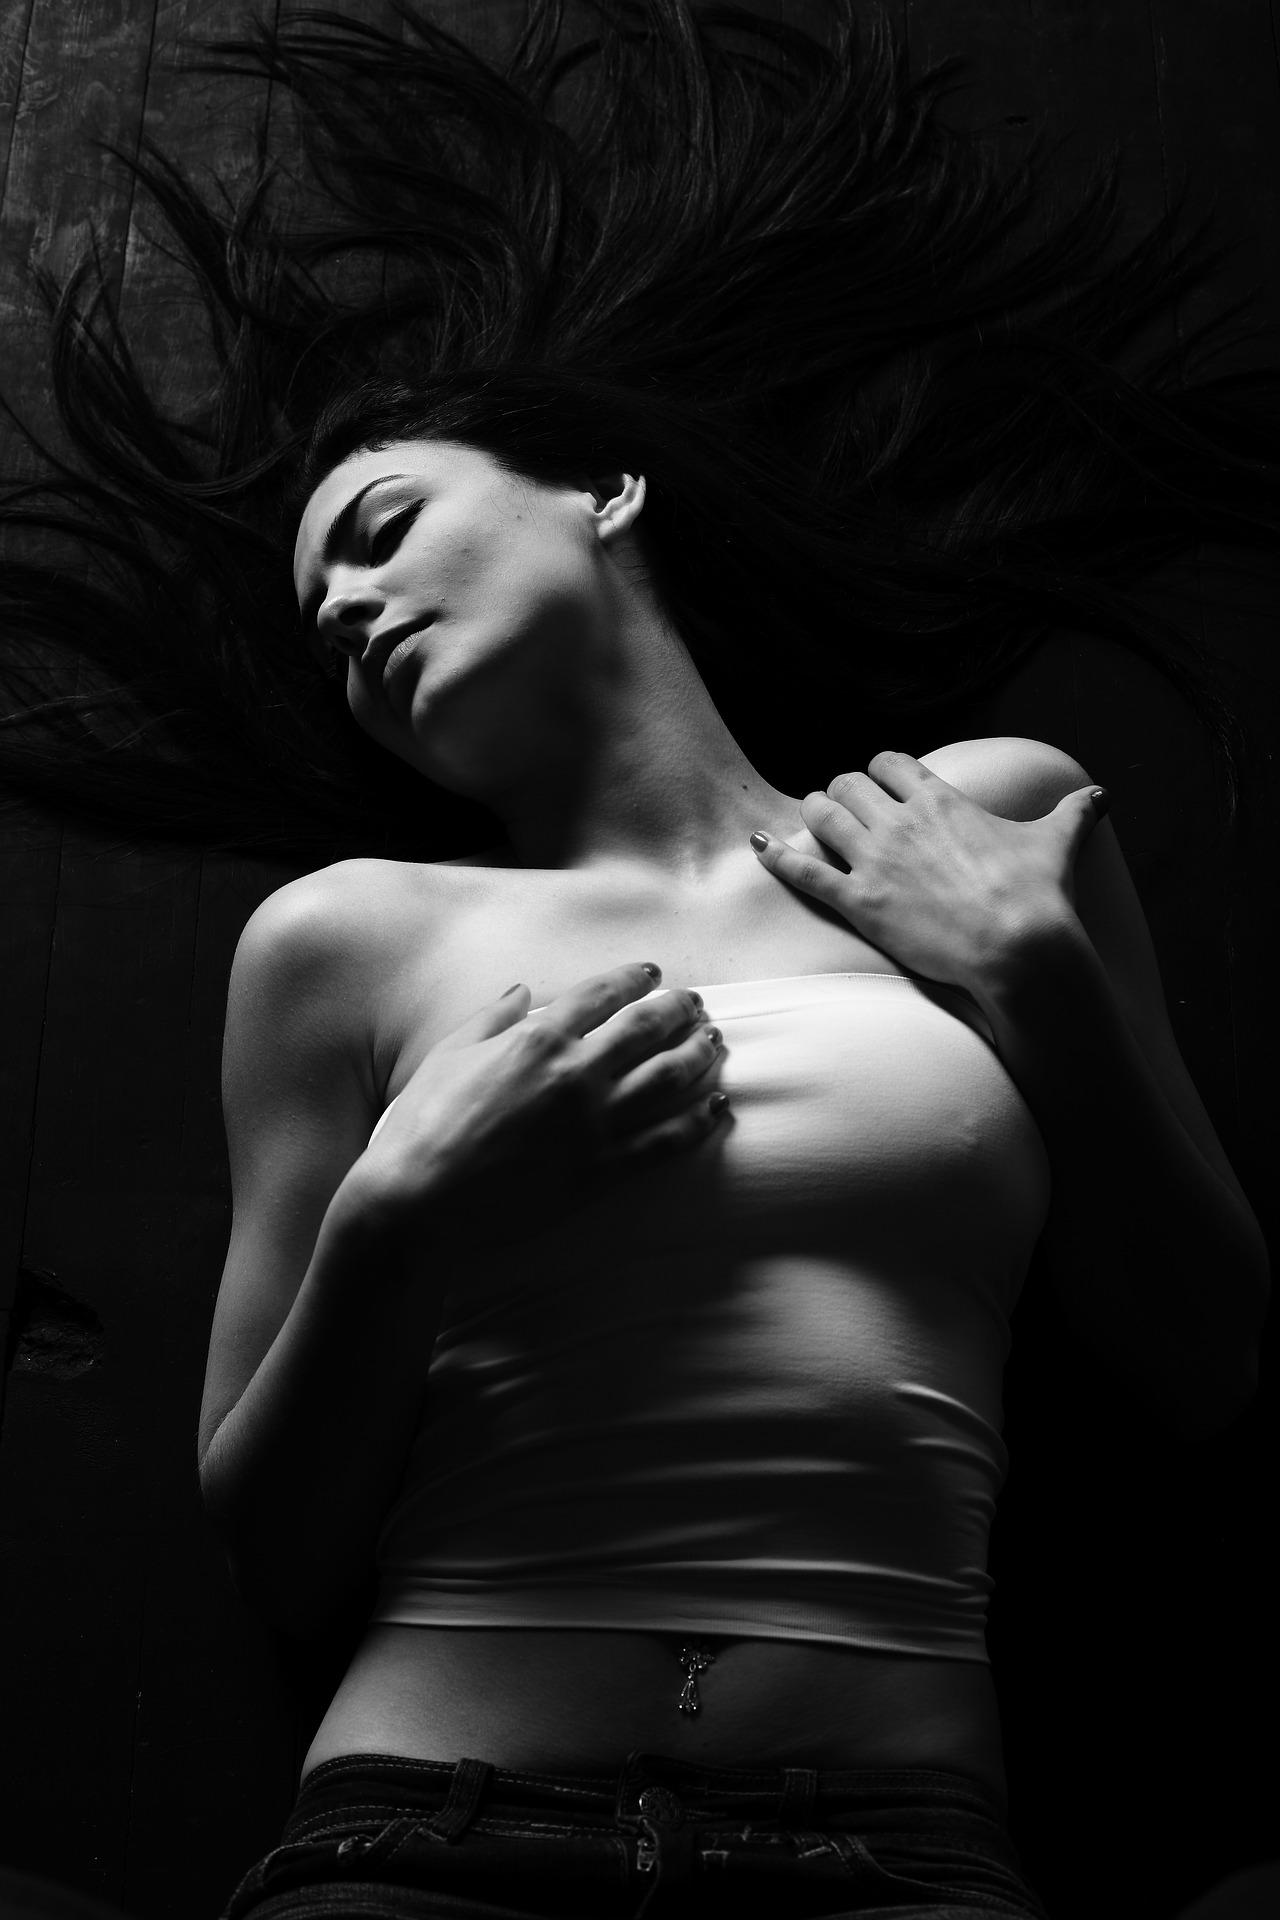 žena_parfém